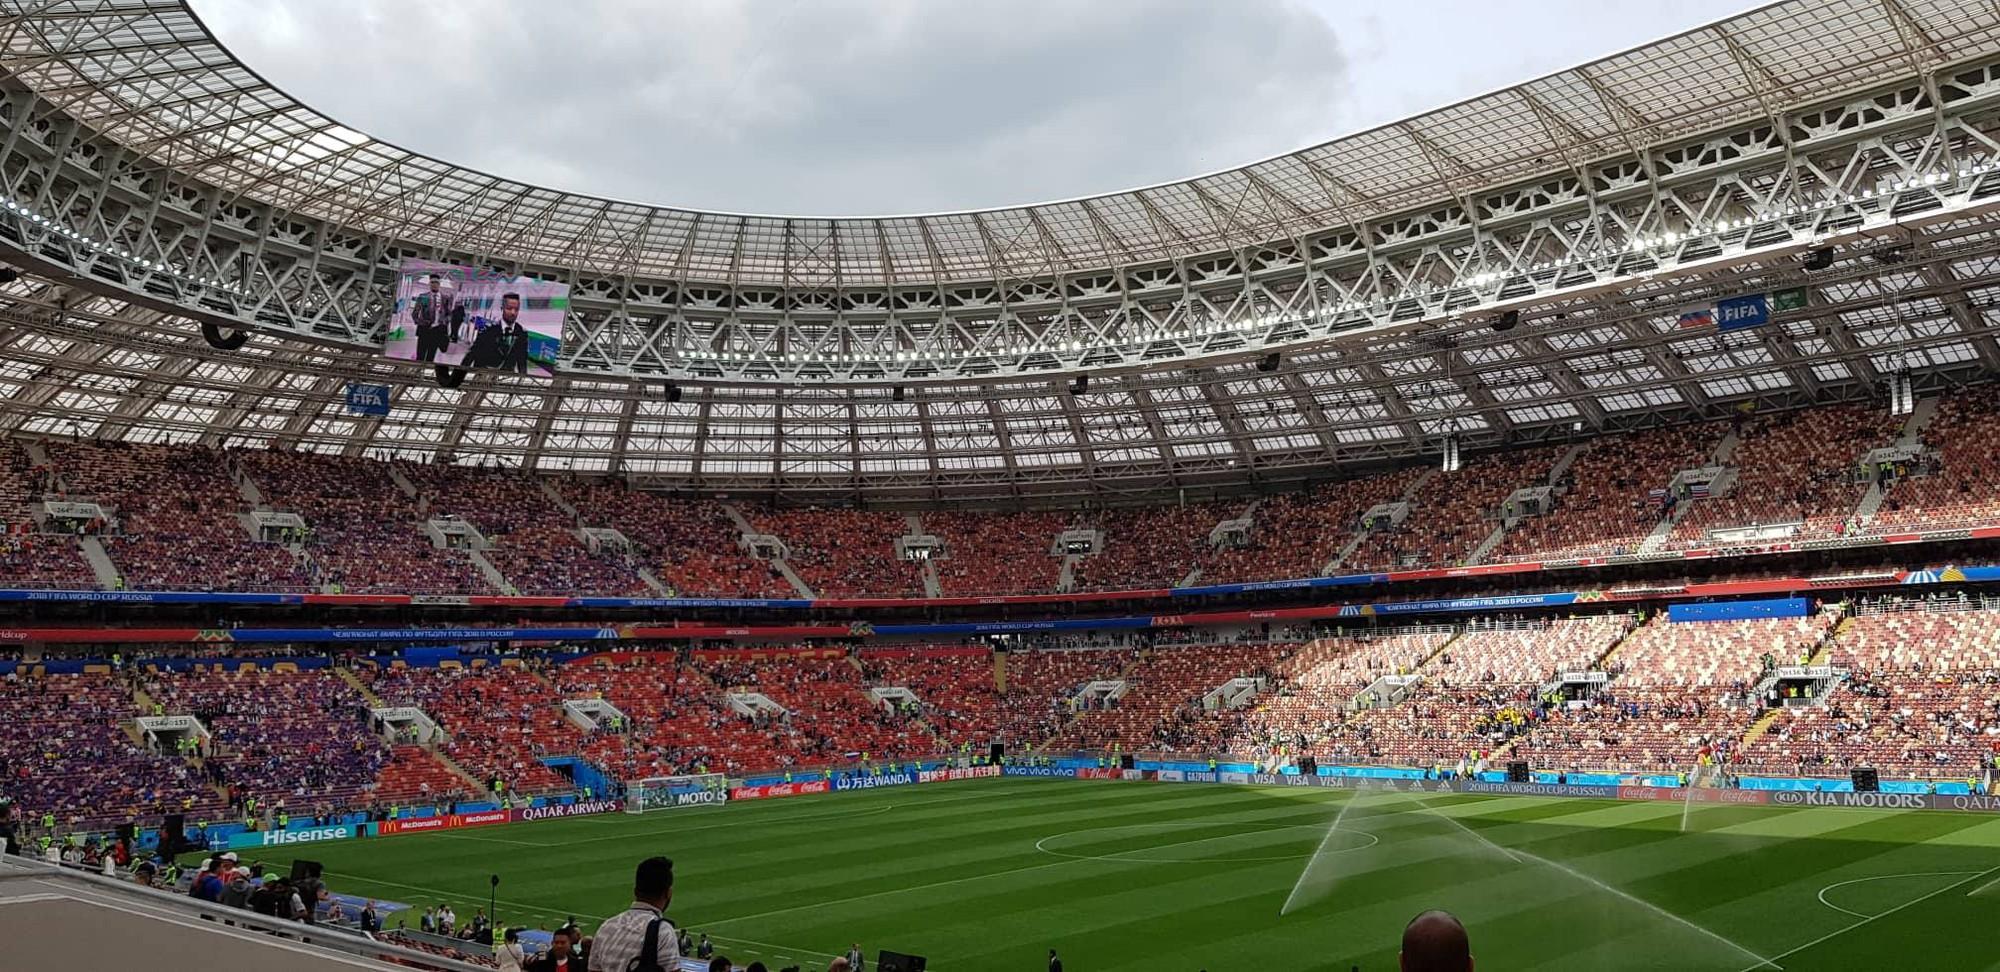 Du học sinh Việt tại Nga đang khiến bạn bè ở quê nhà ghen tỵ vì được đến tận nơi xem World Cup 2018 - Ảnh 3.